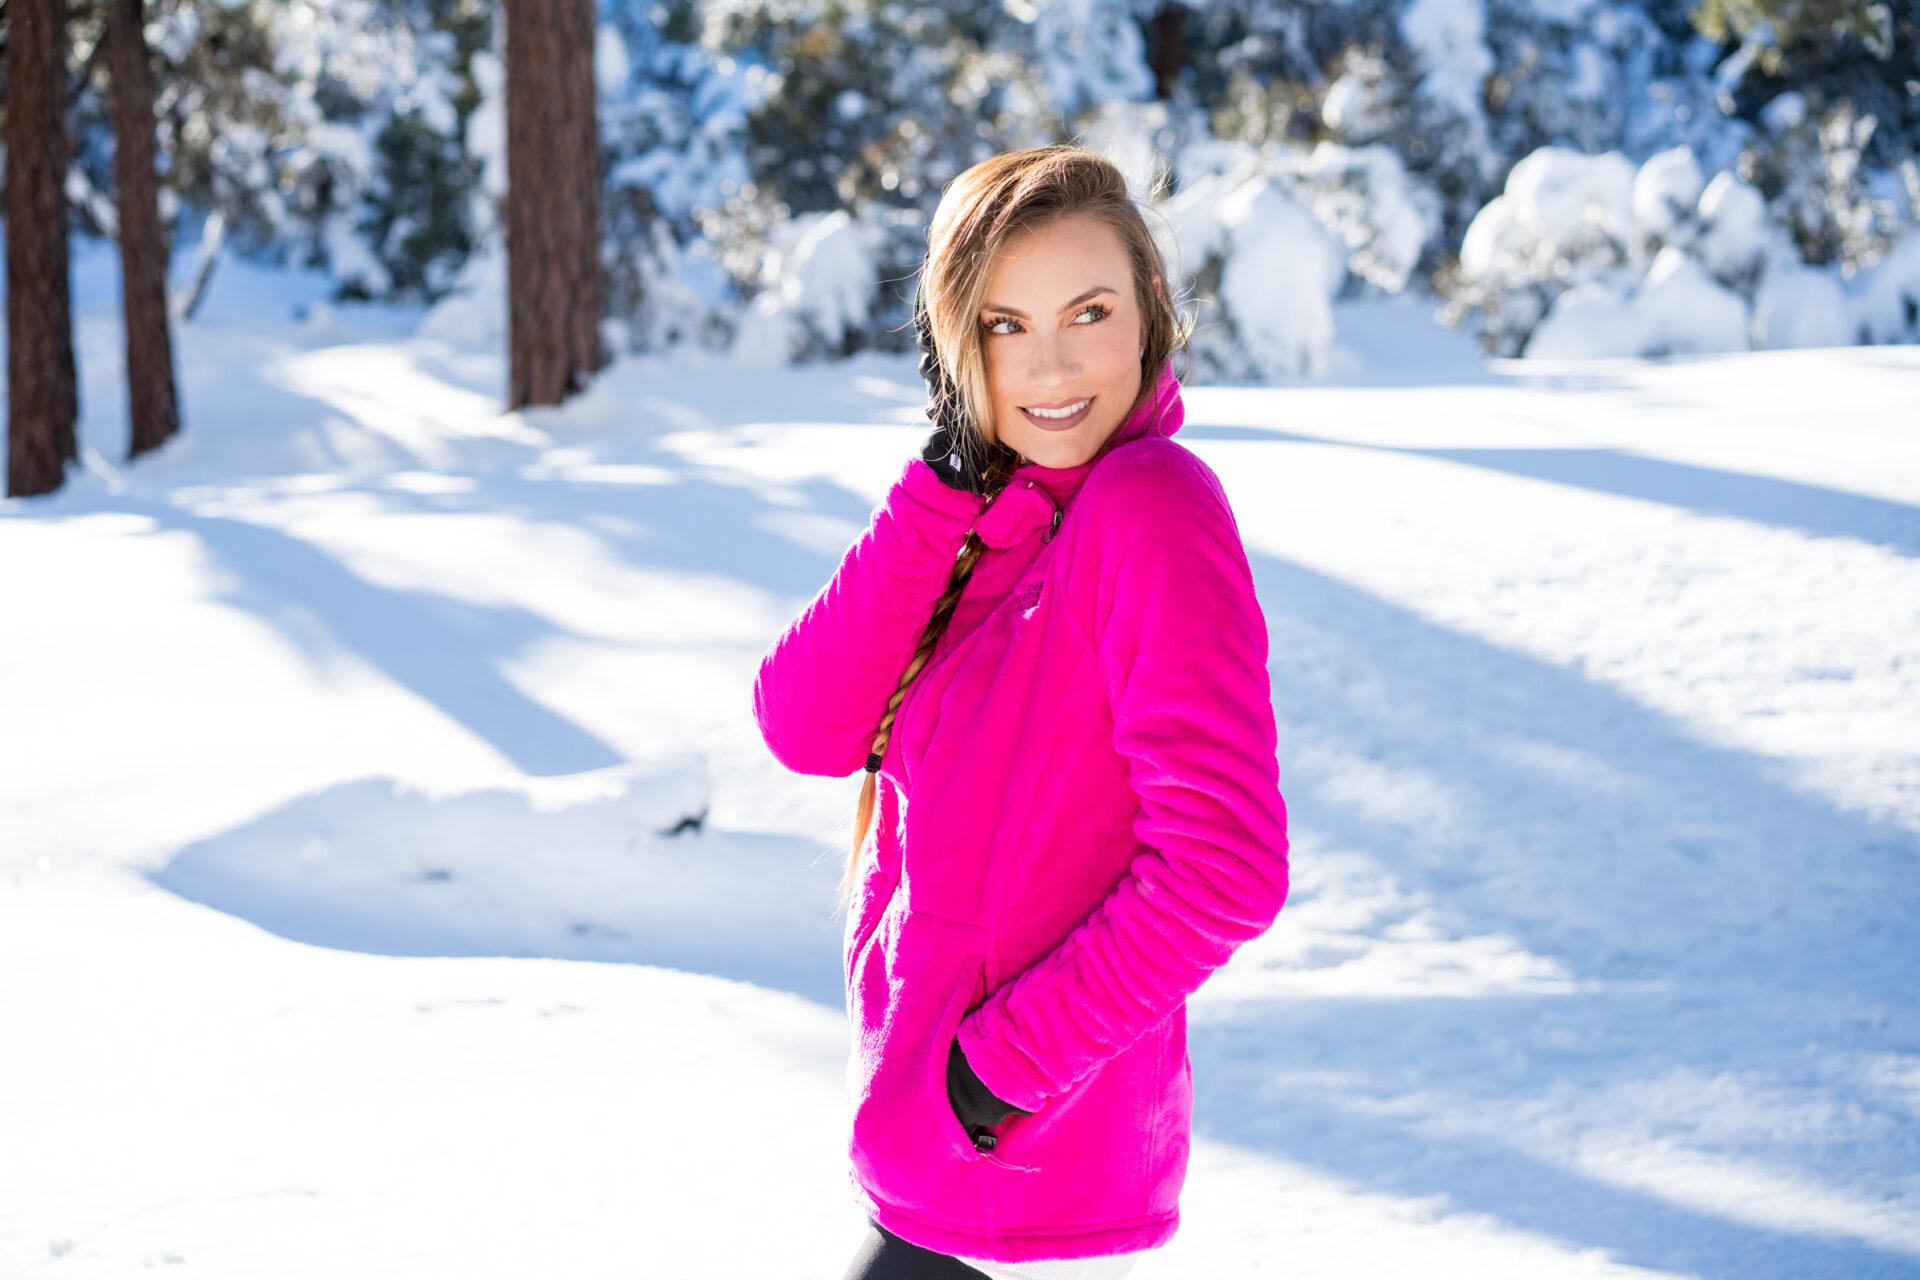 Neon Snow